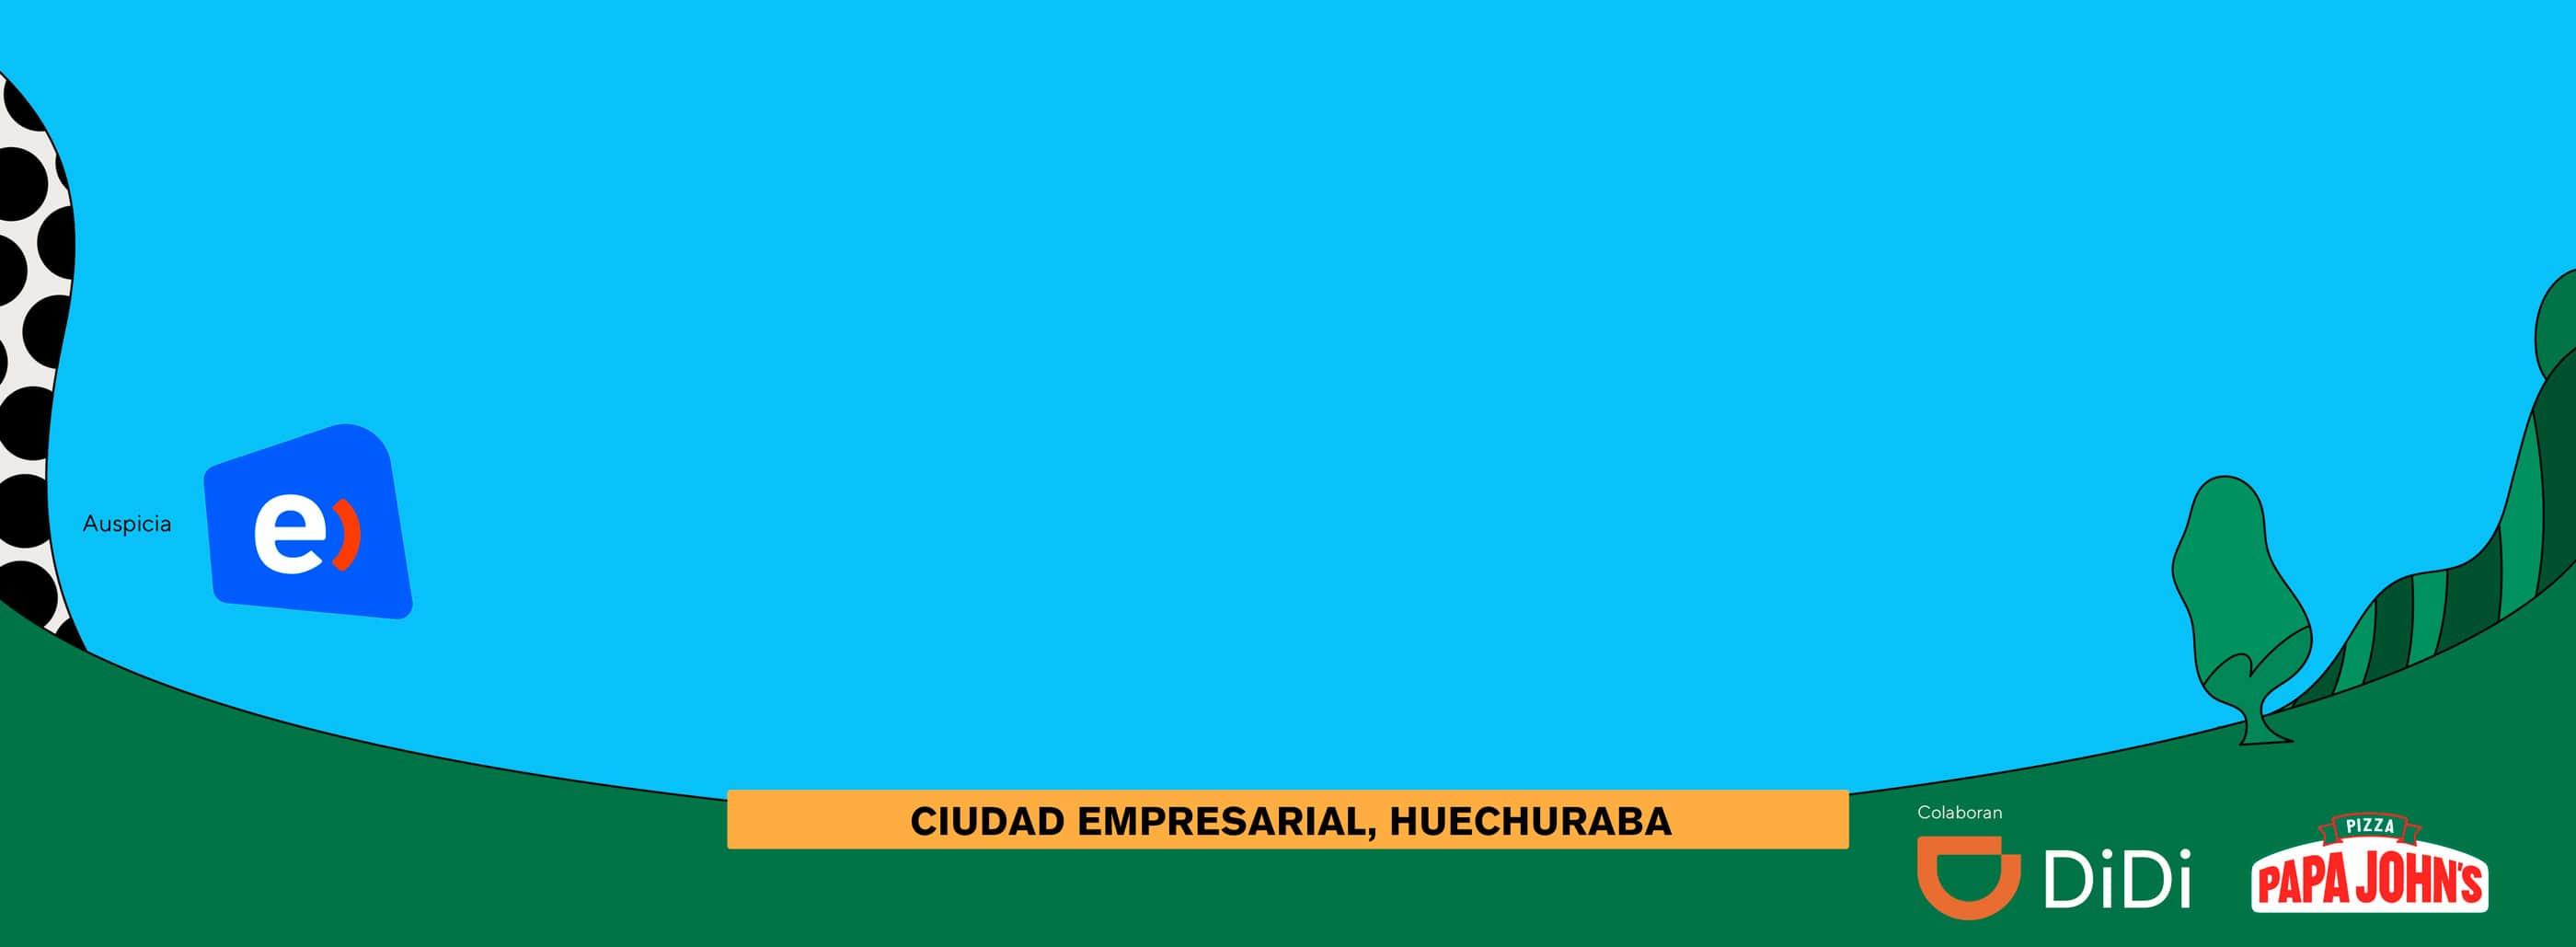 PARQUE ESTEREO - CIUDAD EMPRESARIAL HUECHURABA